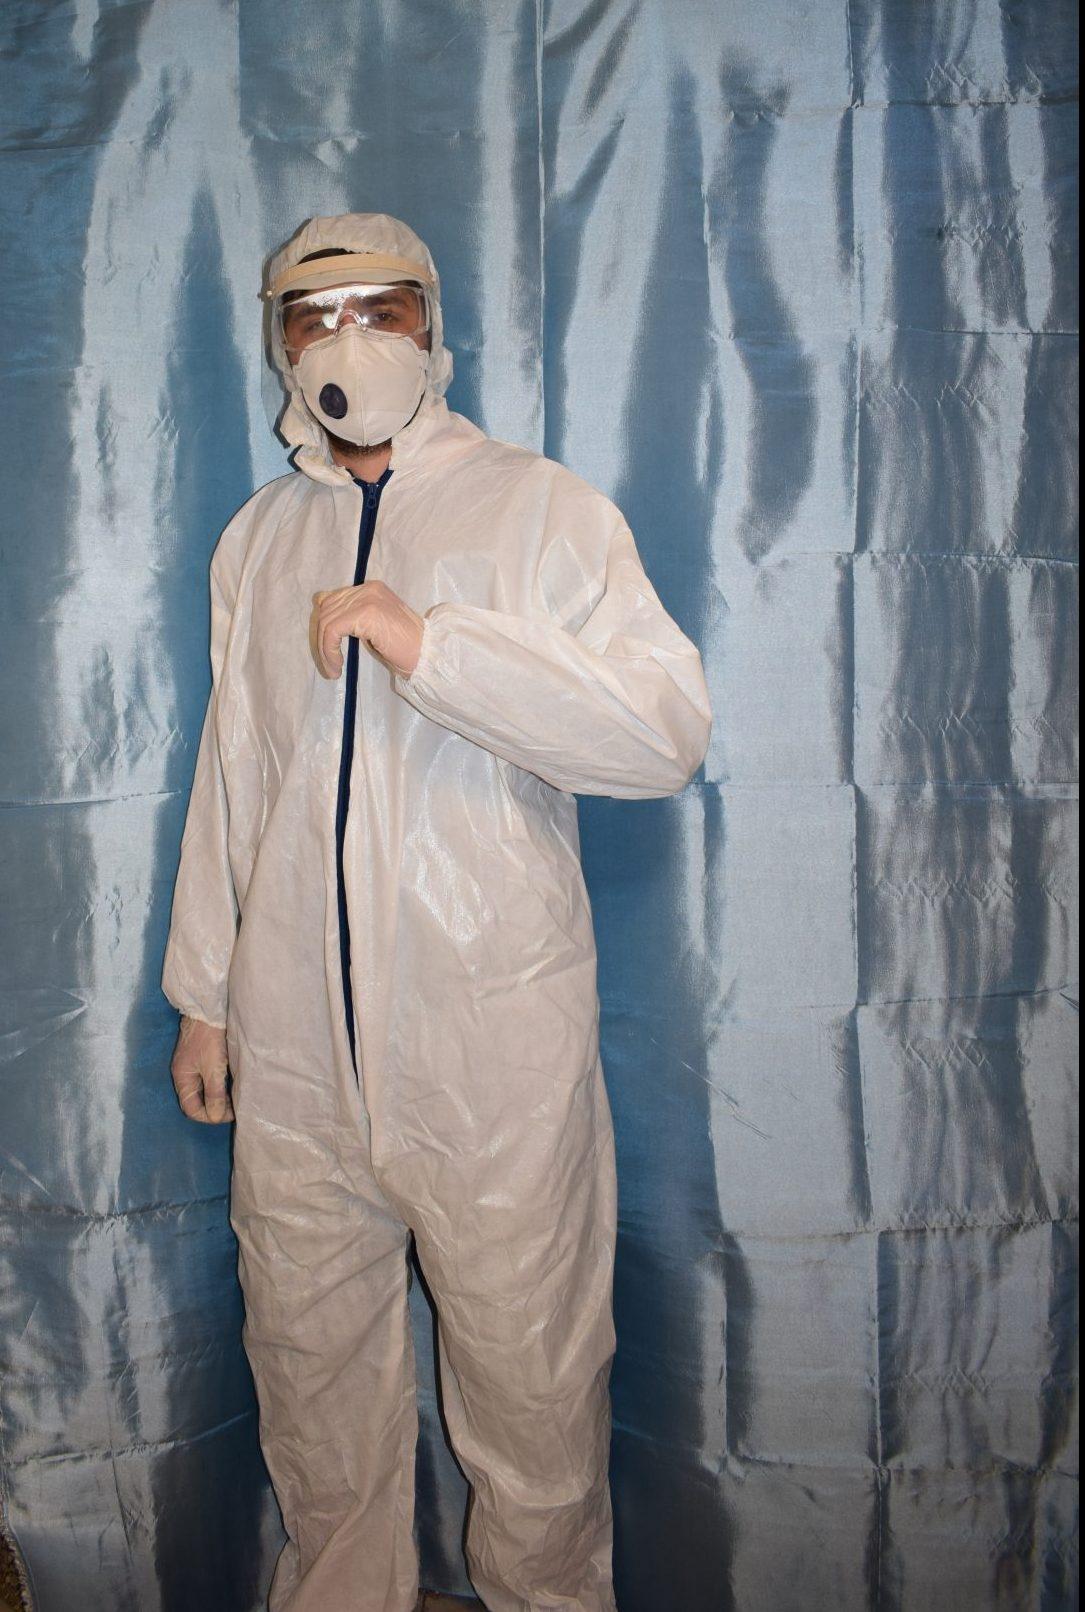 لباس ایزوله بیمارستانی ایرانی ۲۰ عددی